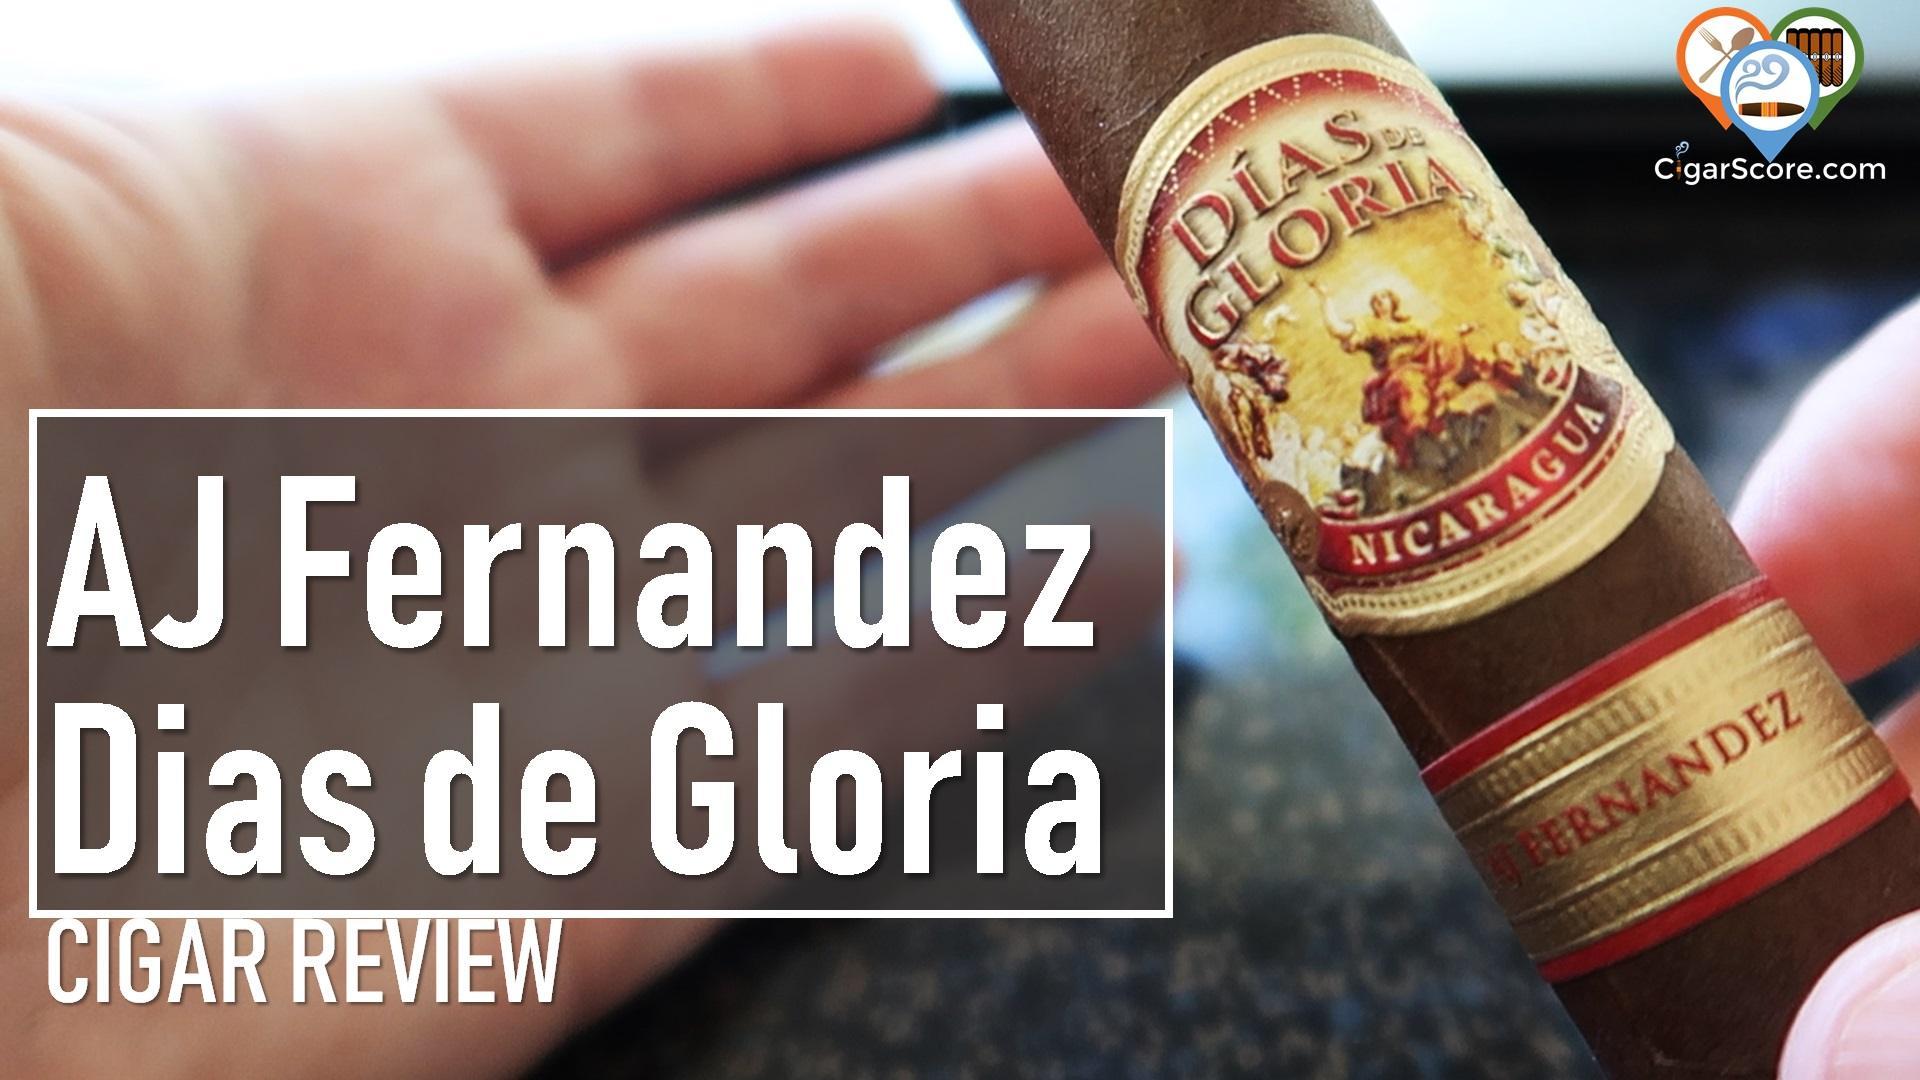 Cigar Review - AJ Fernandez Dias de Gloria Gordo